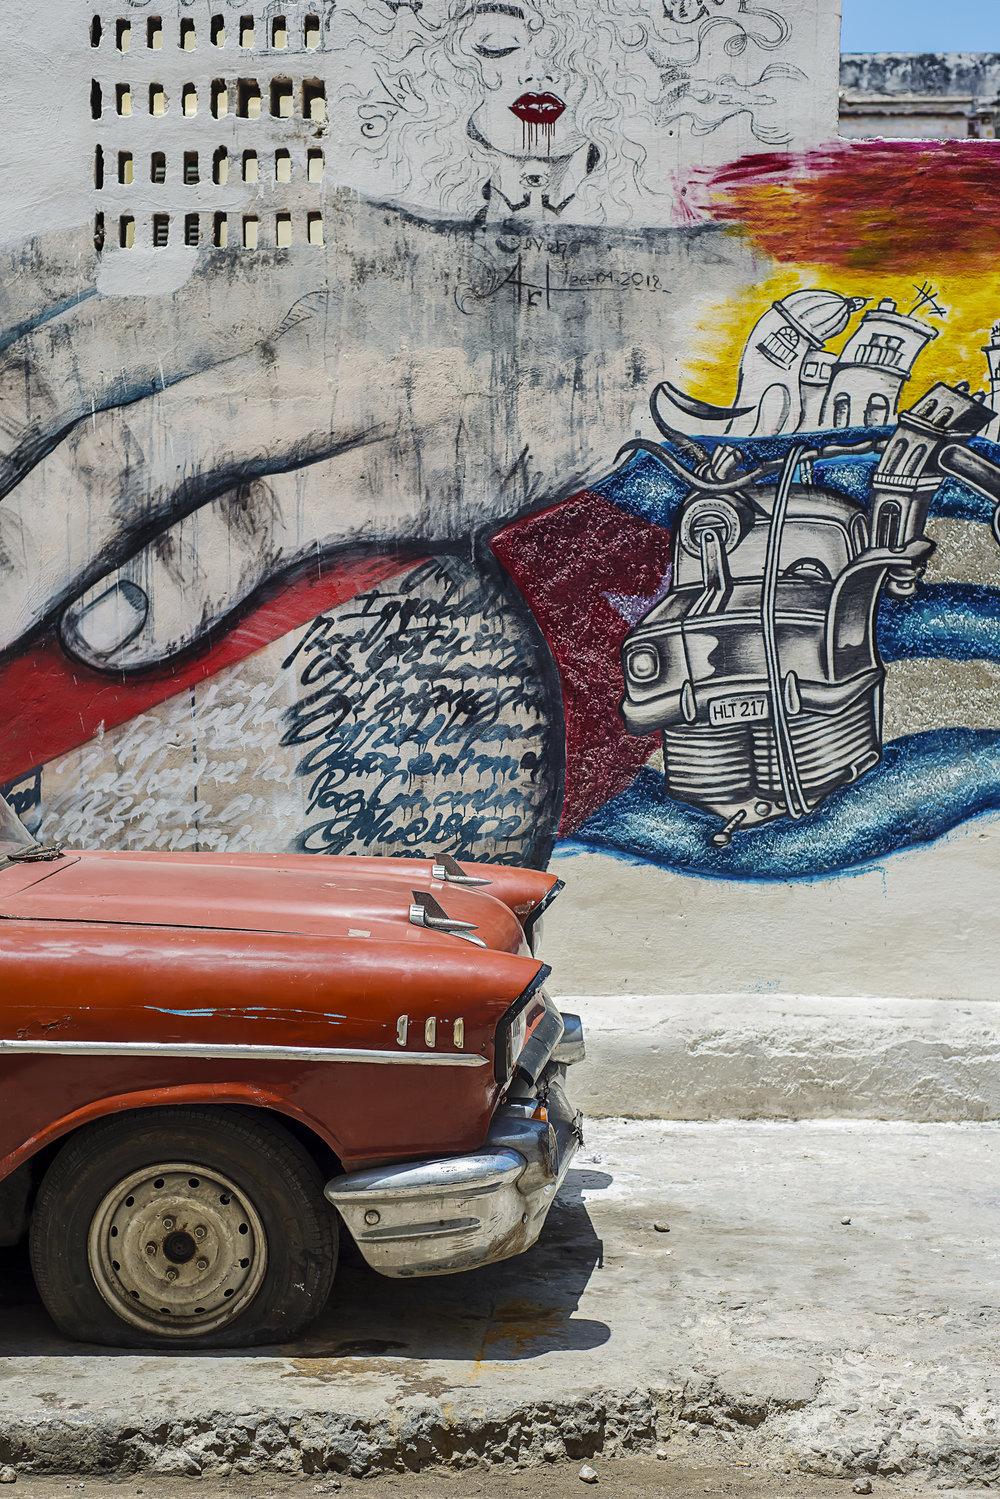 Pintura Cubana De Muralla - Cuban Wall Painting